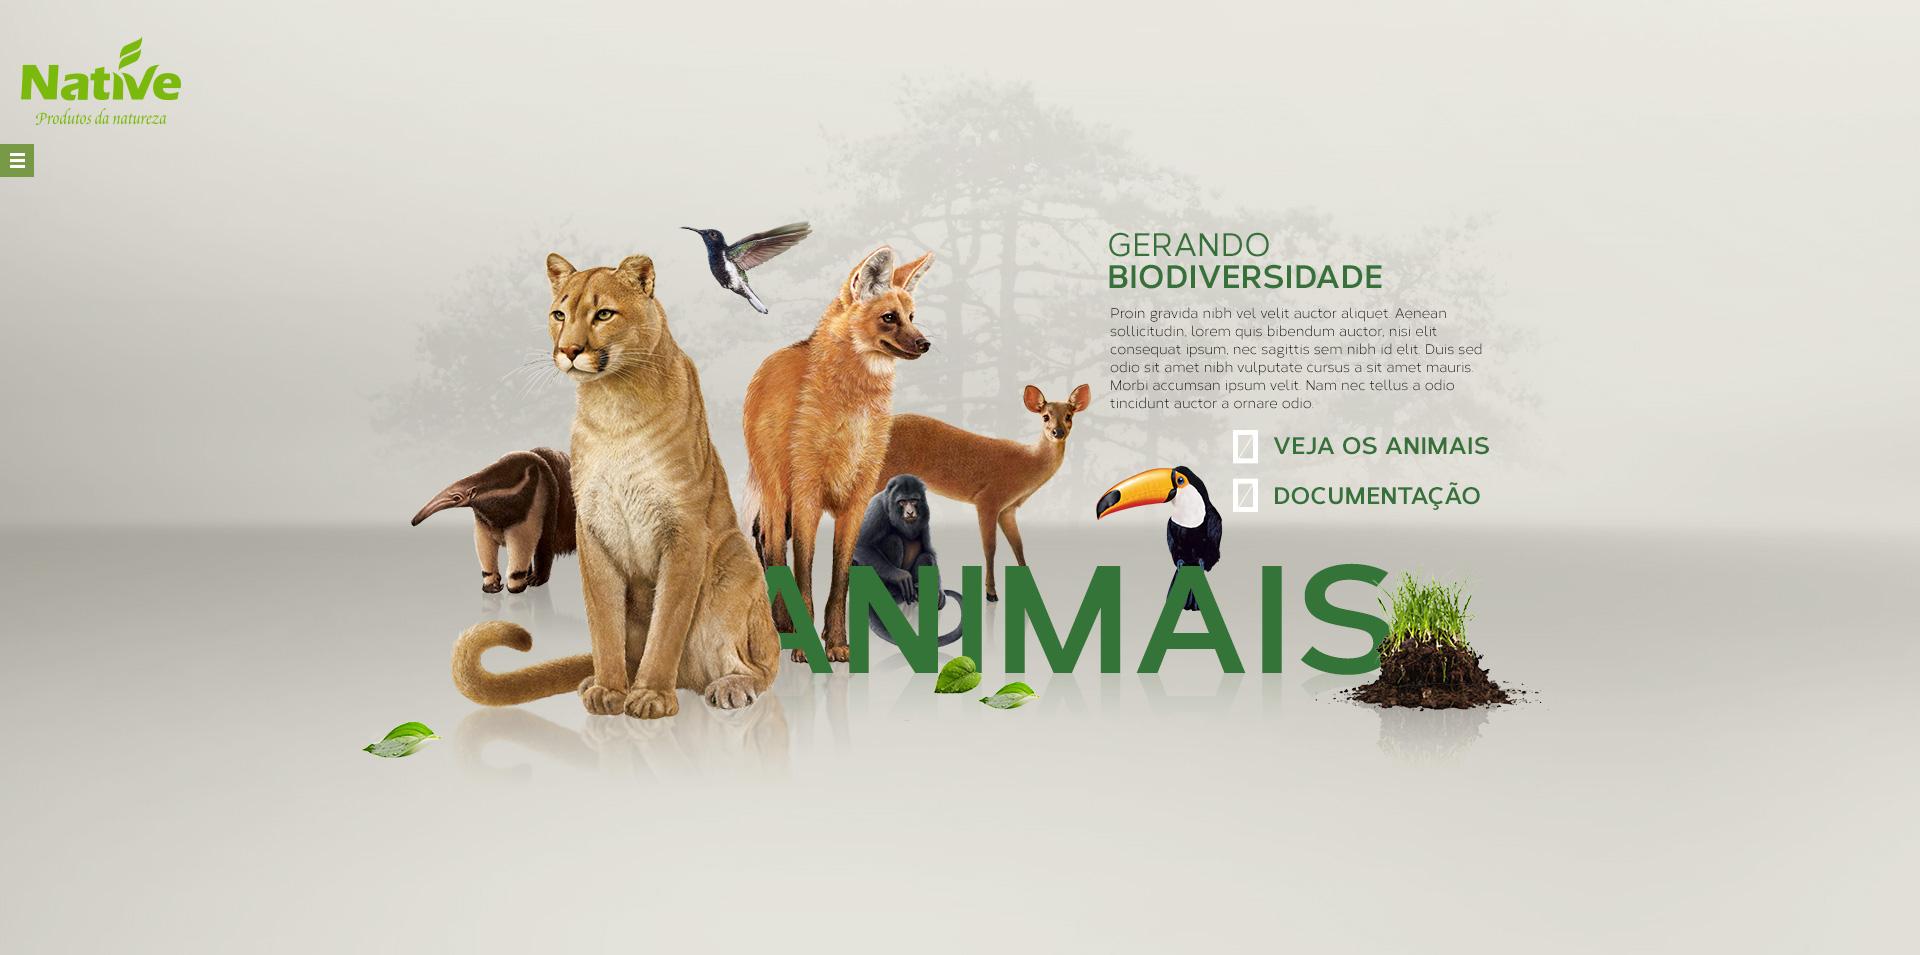 04_animais_1